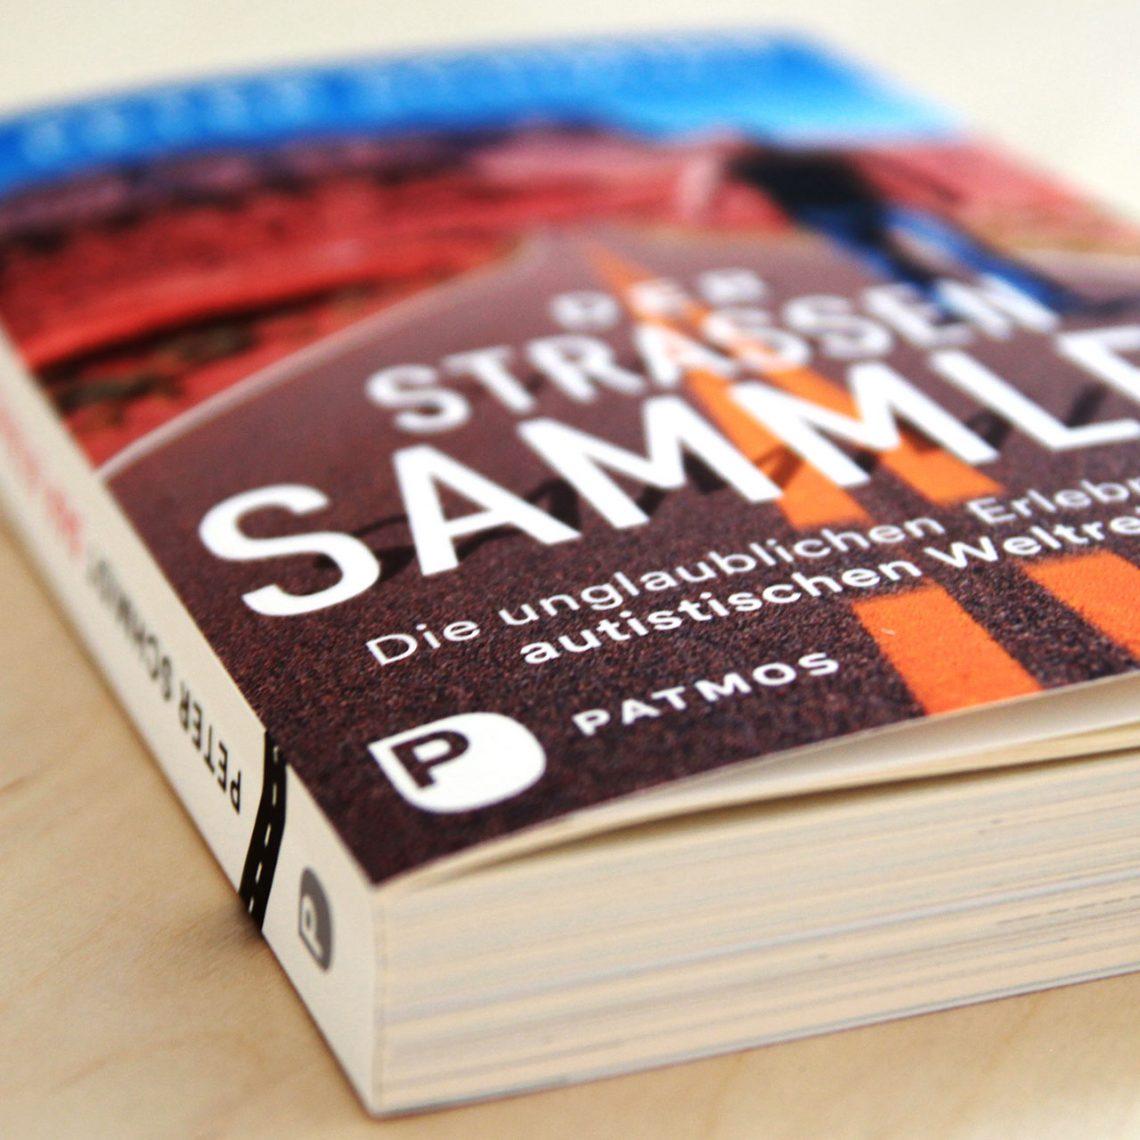 Peter Schmidt: Der Strassensammler. Softcover. ISBN 978-3-8436-0832-9